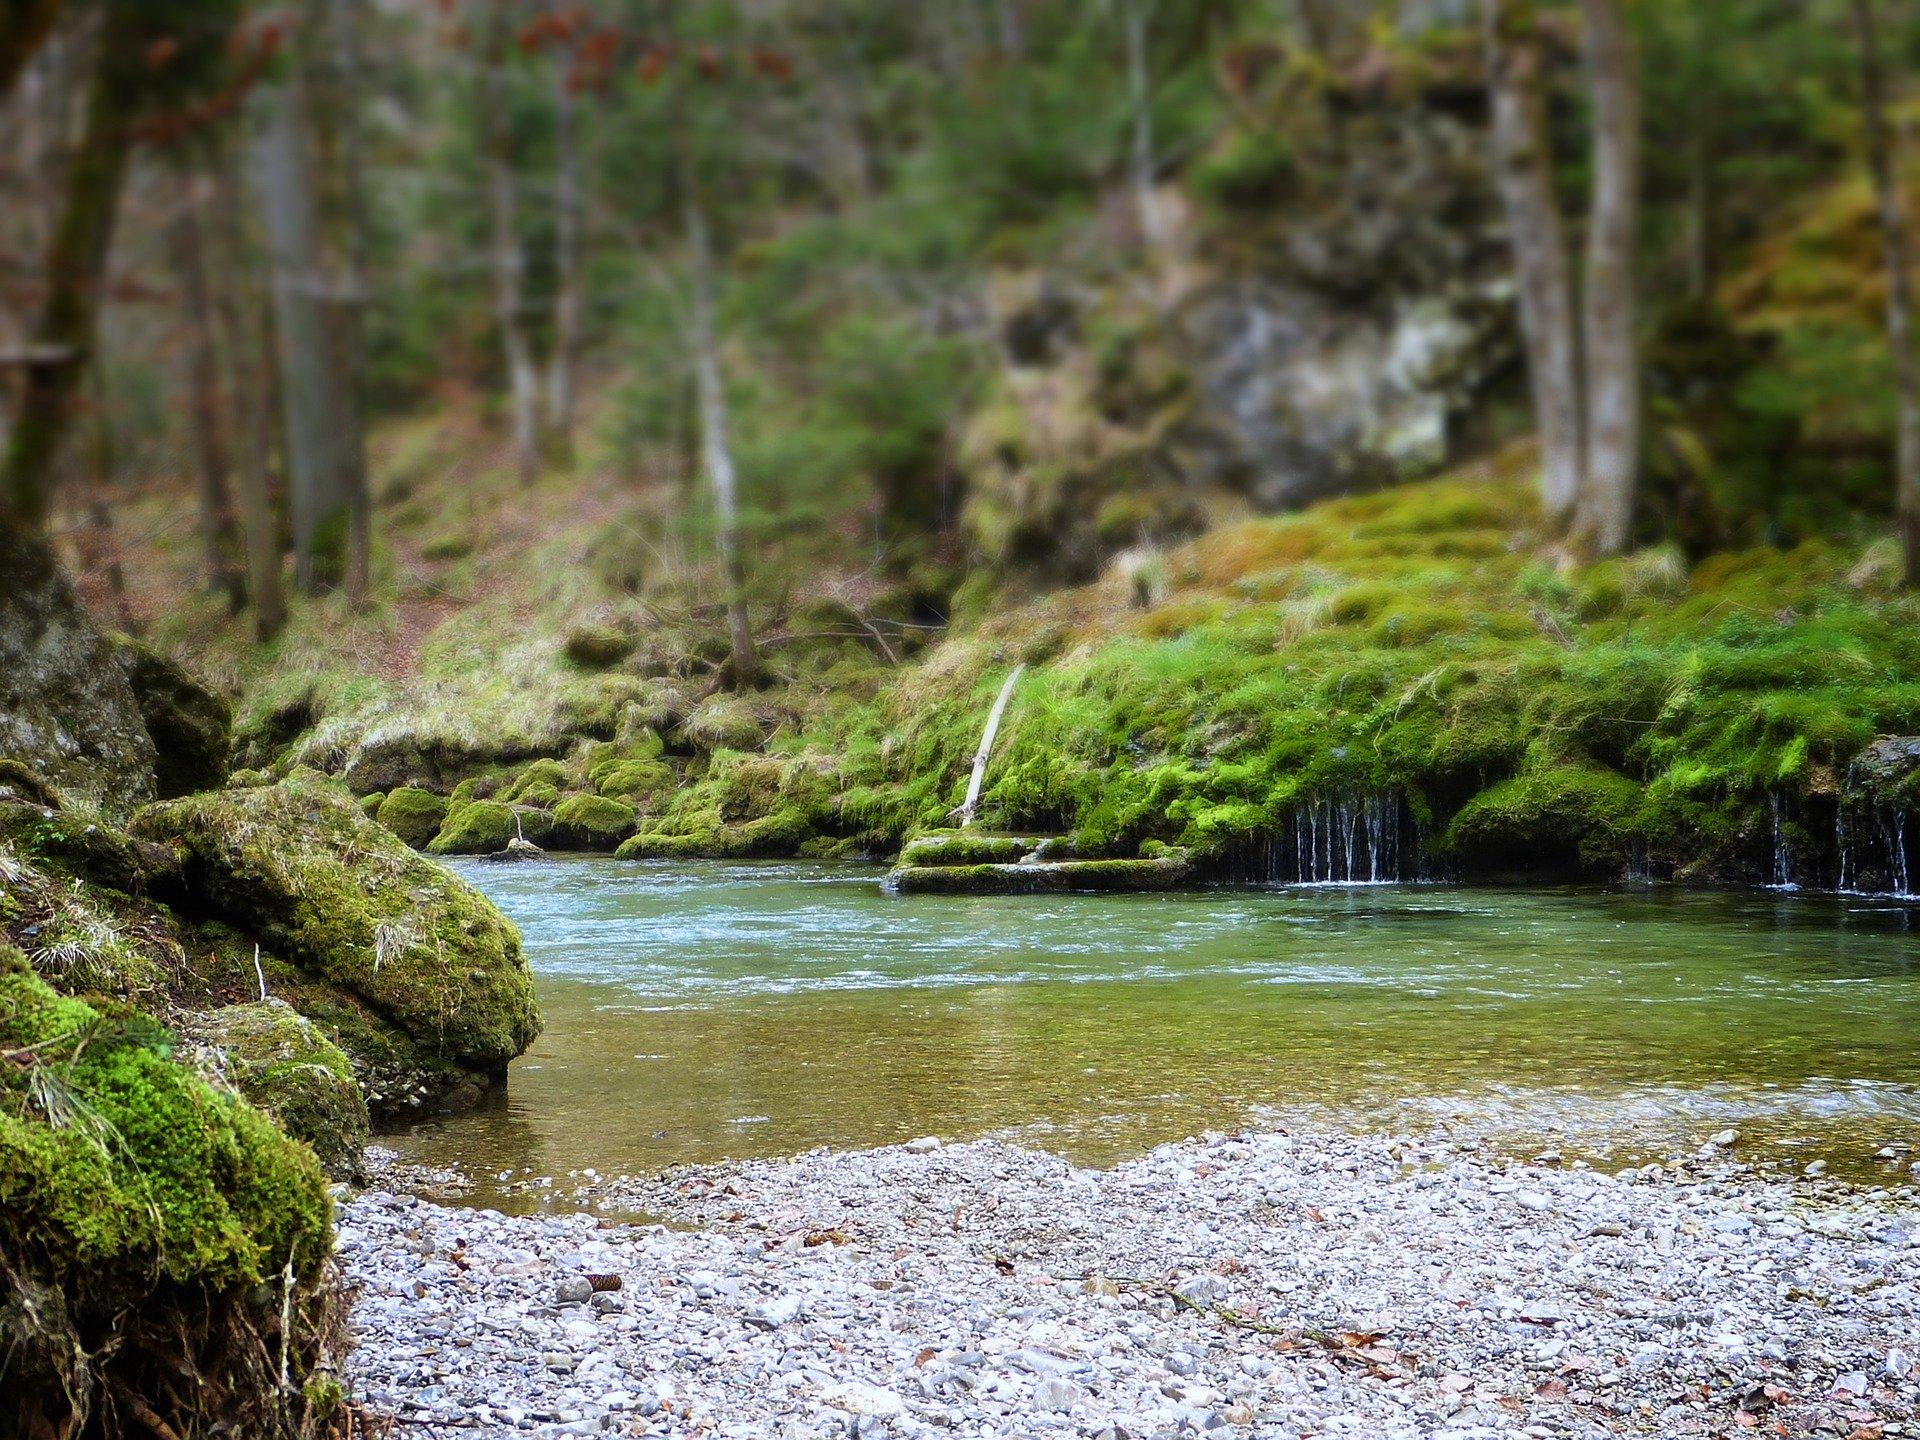 riviere calme respirer